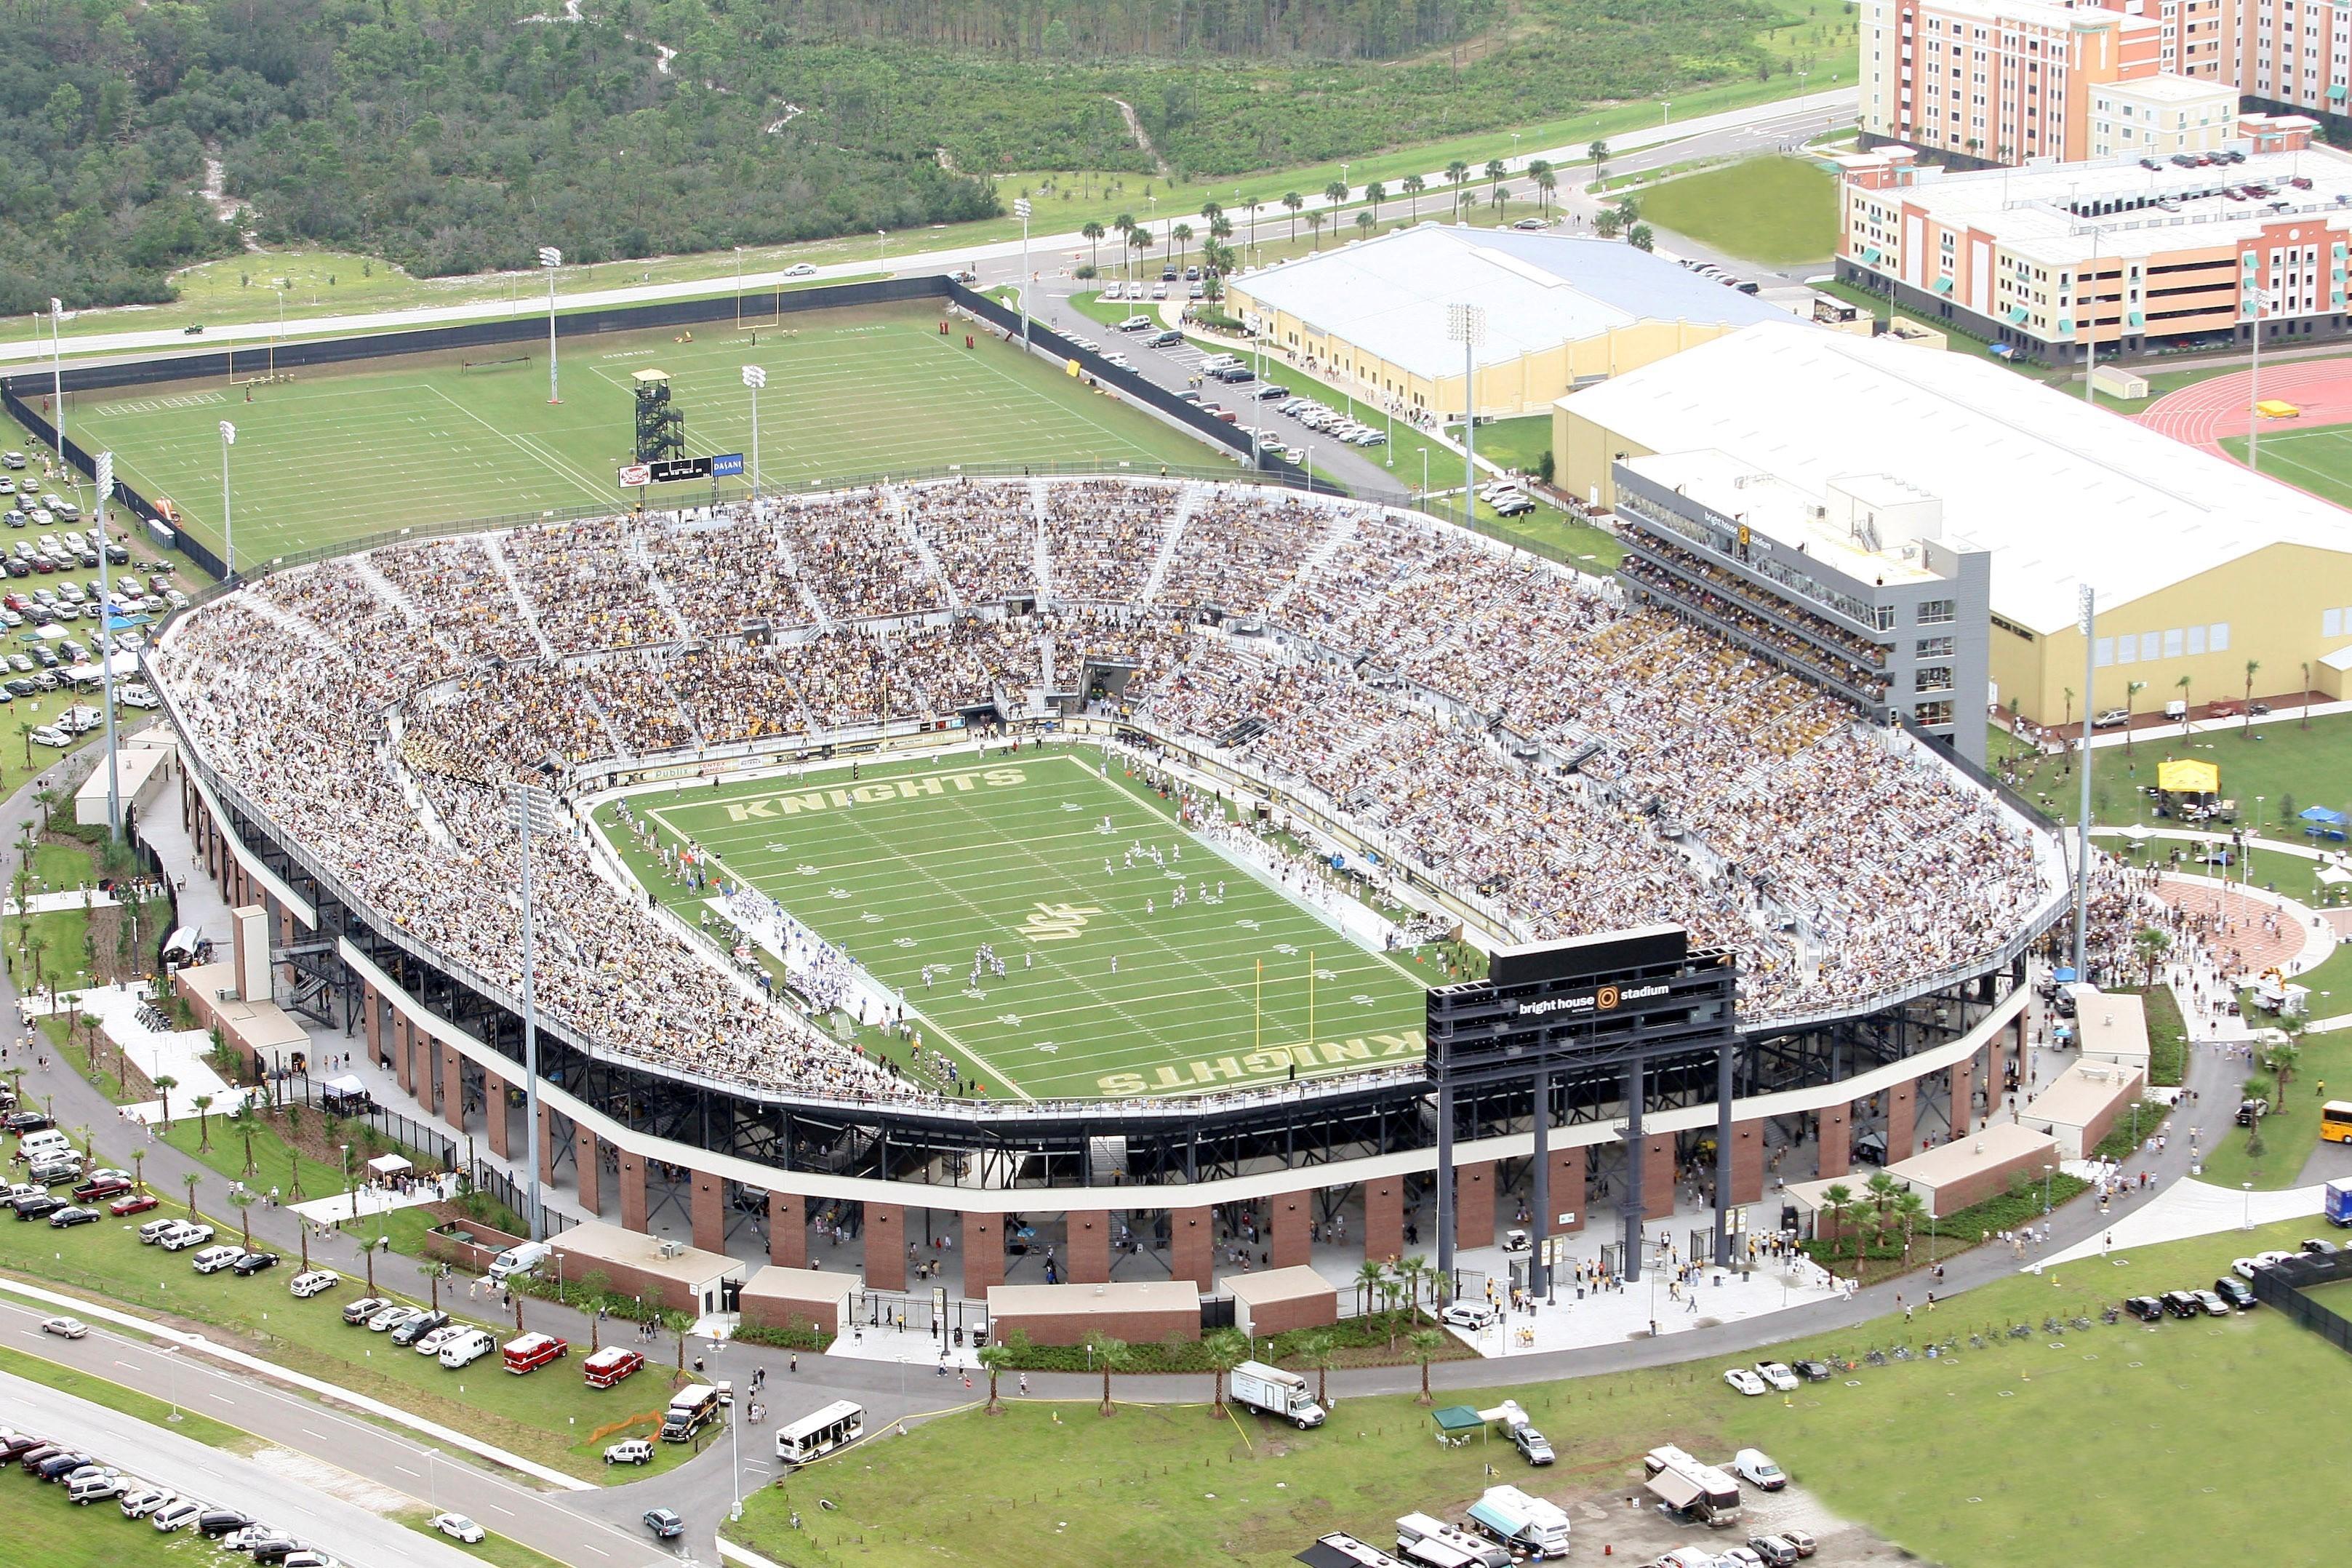 University of Central Florida's Spectrum Stadium